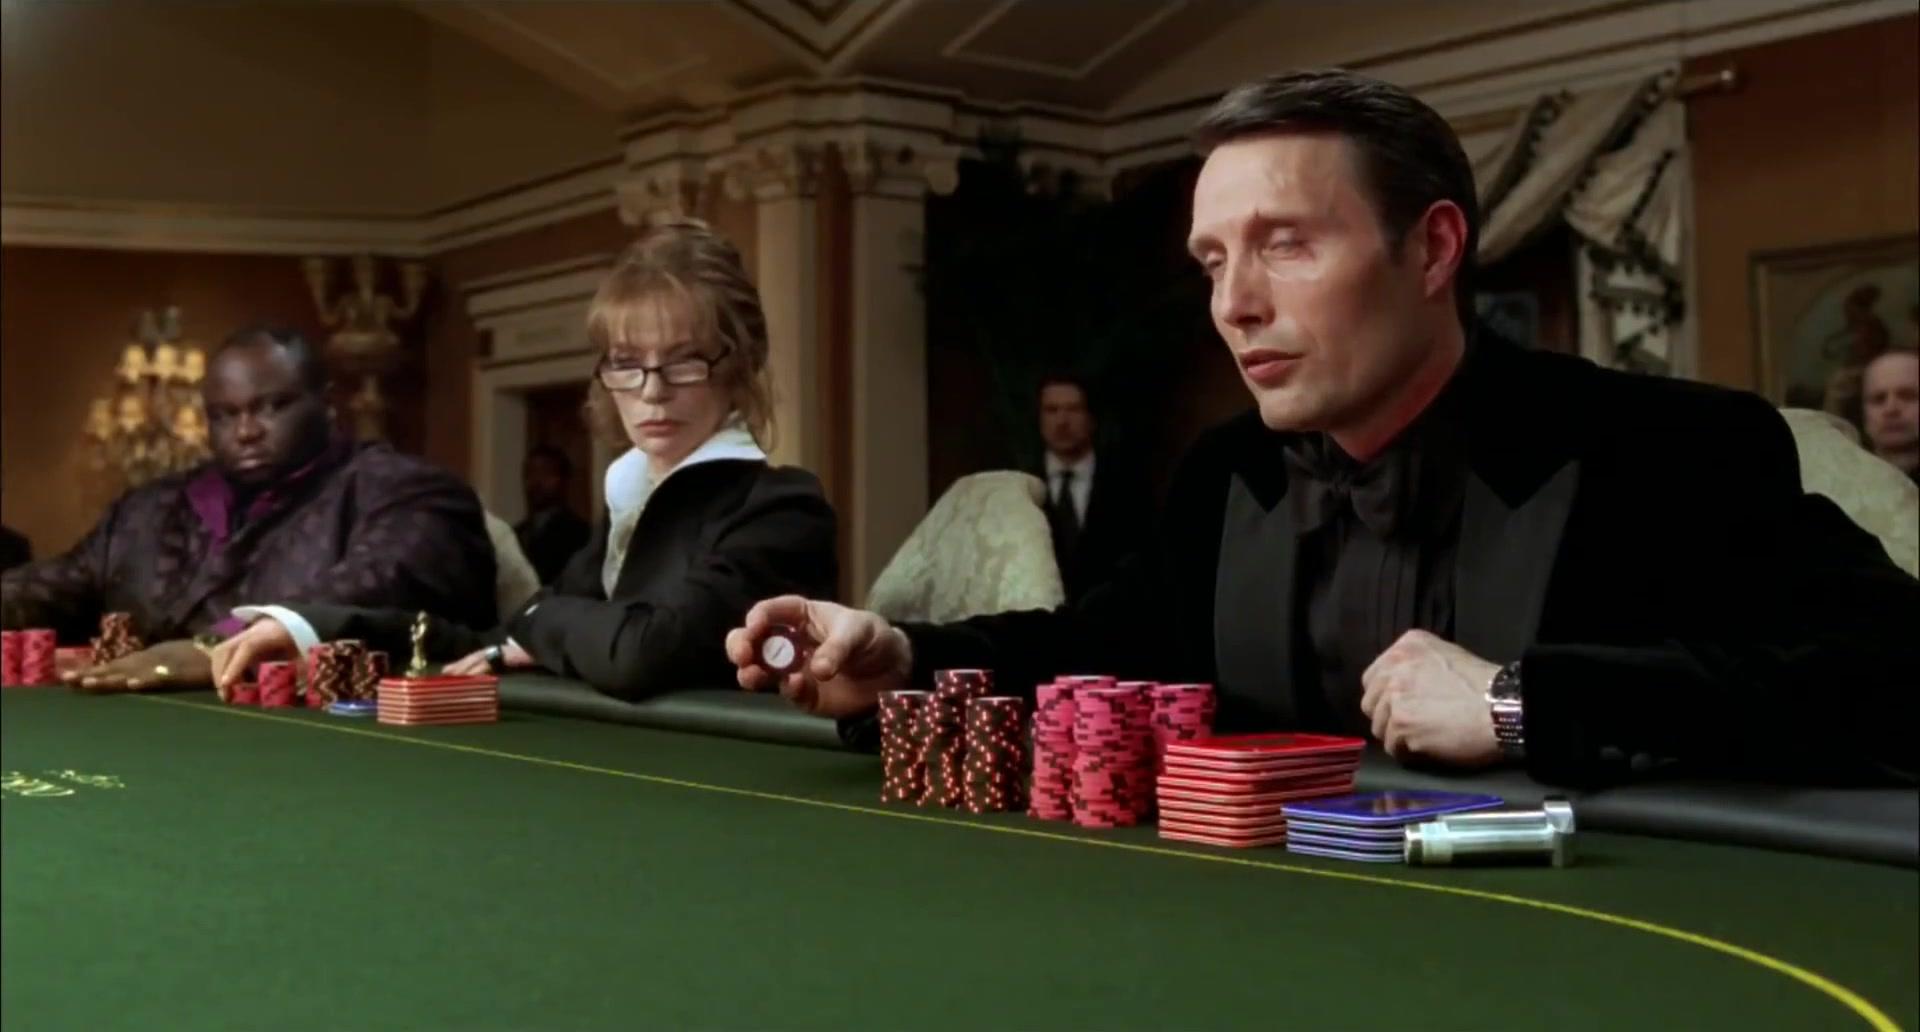 Казино рояль casino royale 2006 онлайн карты играть оффлайн